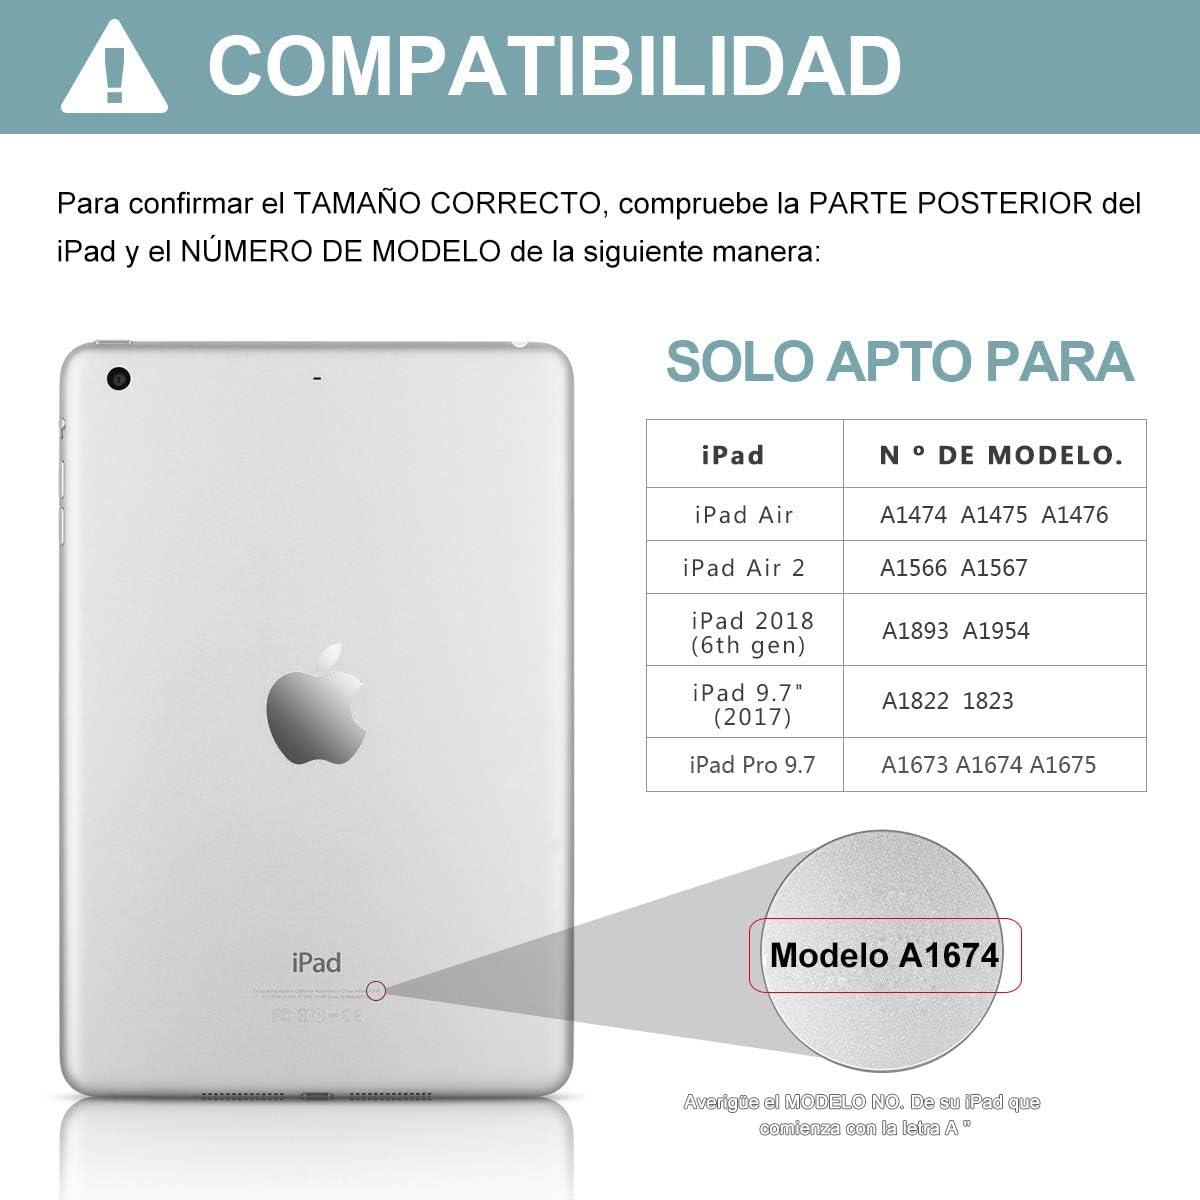 Funda Teclado iPad 9.7, Funda iPad 2018 con Ranura para Lápiz y Teclado Español (Incluye Letra Ñ) Bluetooth para iPad 2018/iPad 2017/iPad Pro 9.7/iPad ...